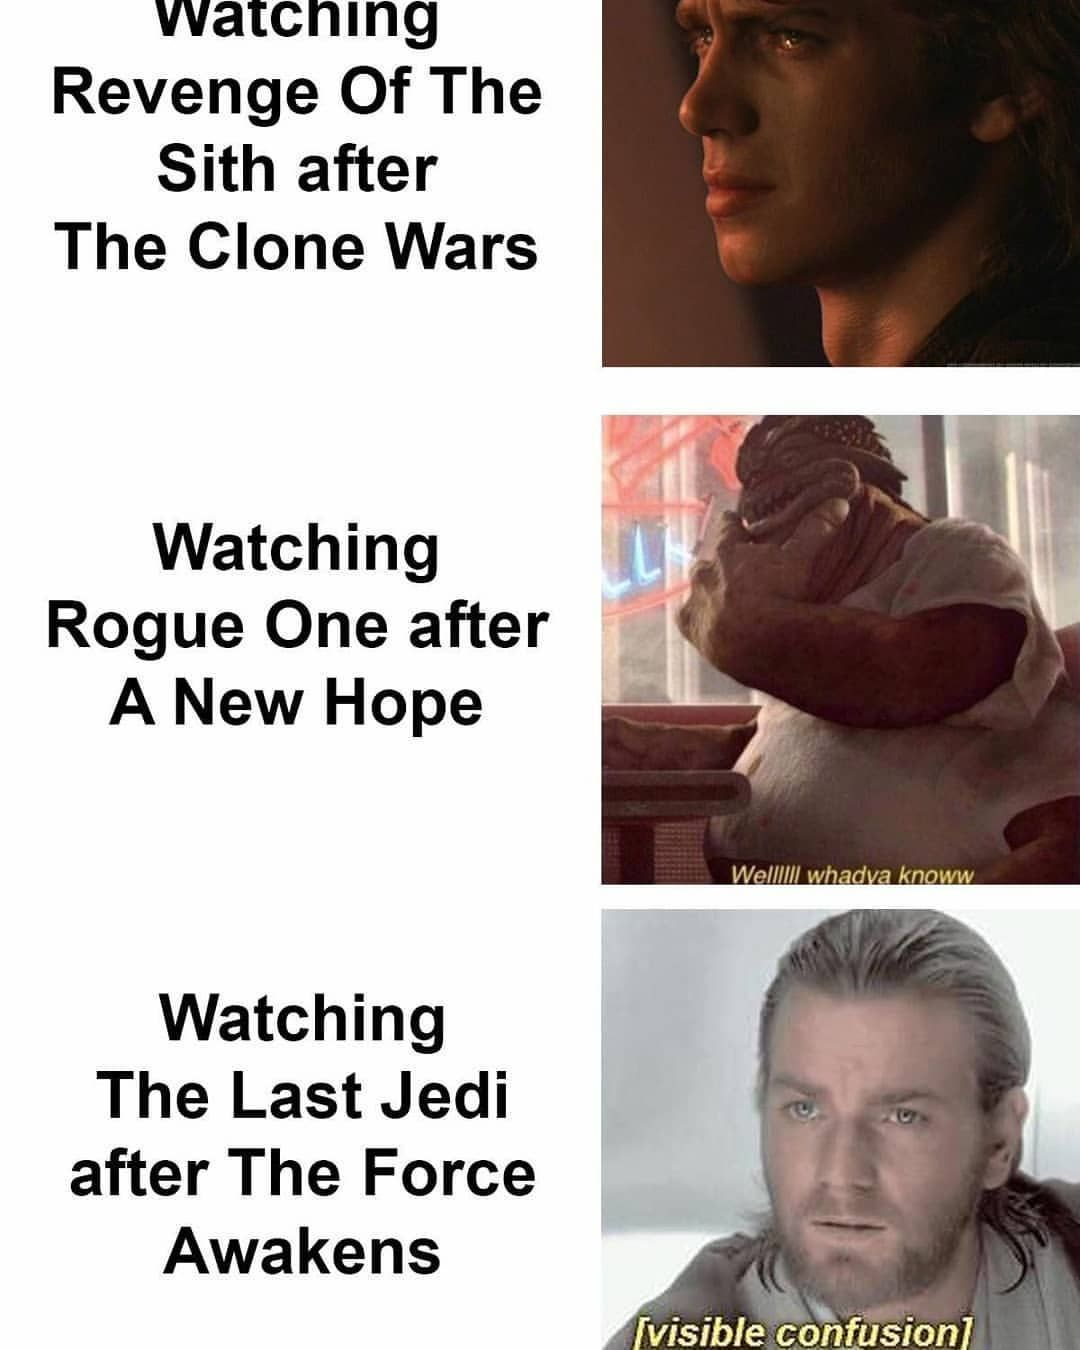 Star Wars Memes The Last Jedi Funny Star Wars Starwarsthelastjedi Star Wars Humor Star Wars Quotes Star Wars Memes